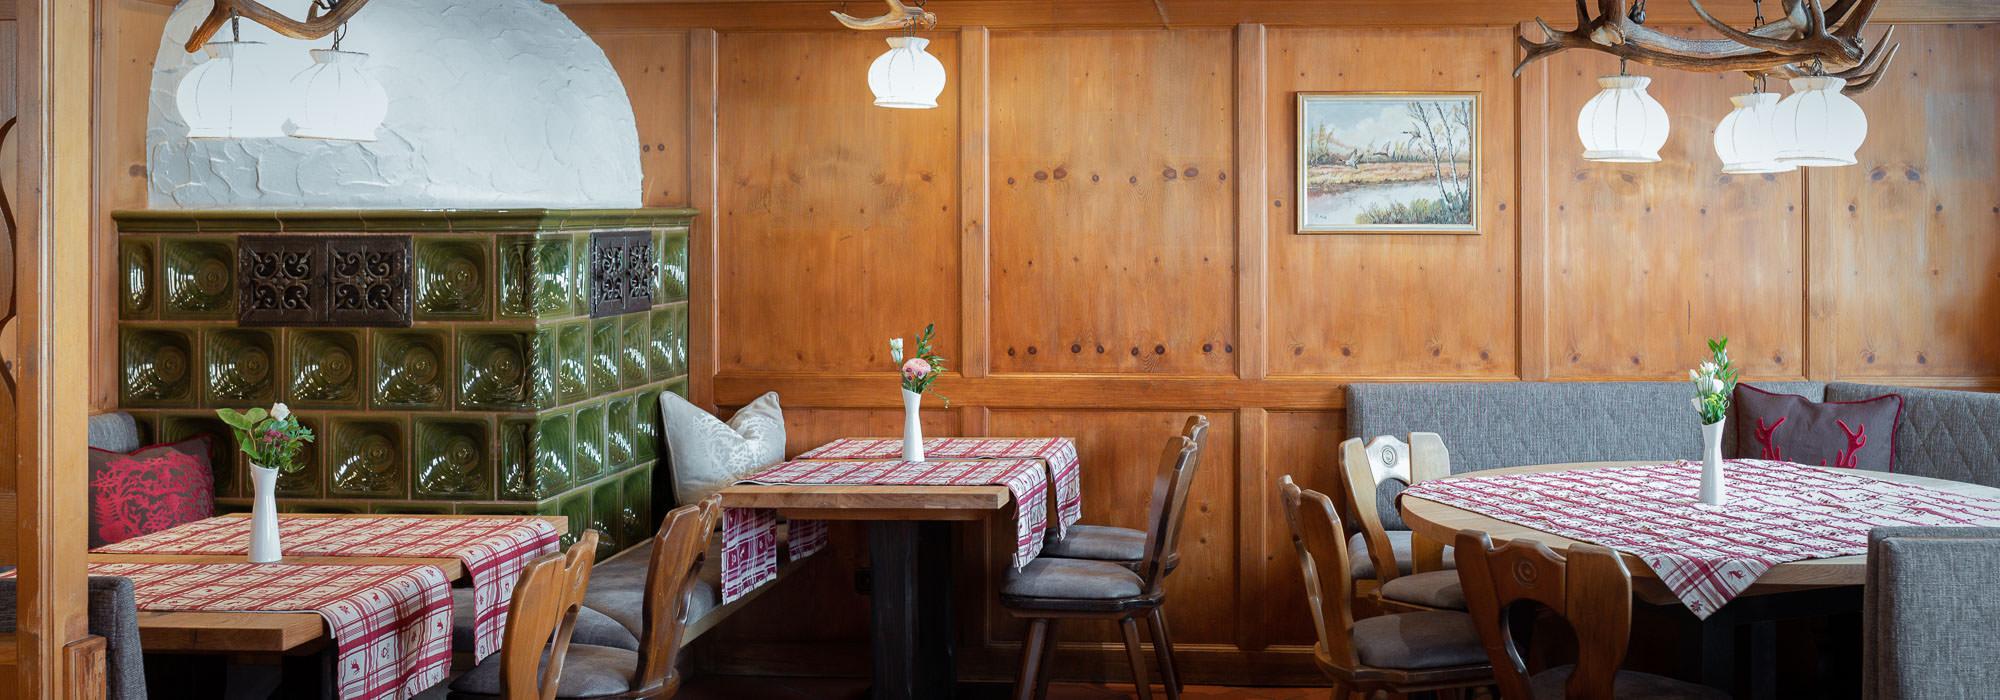 Hotel Restaurant Weisses Ross bei Nürnberg